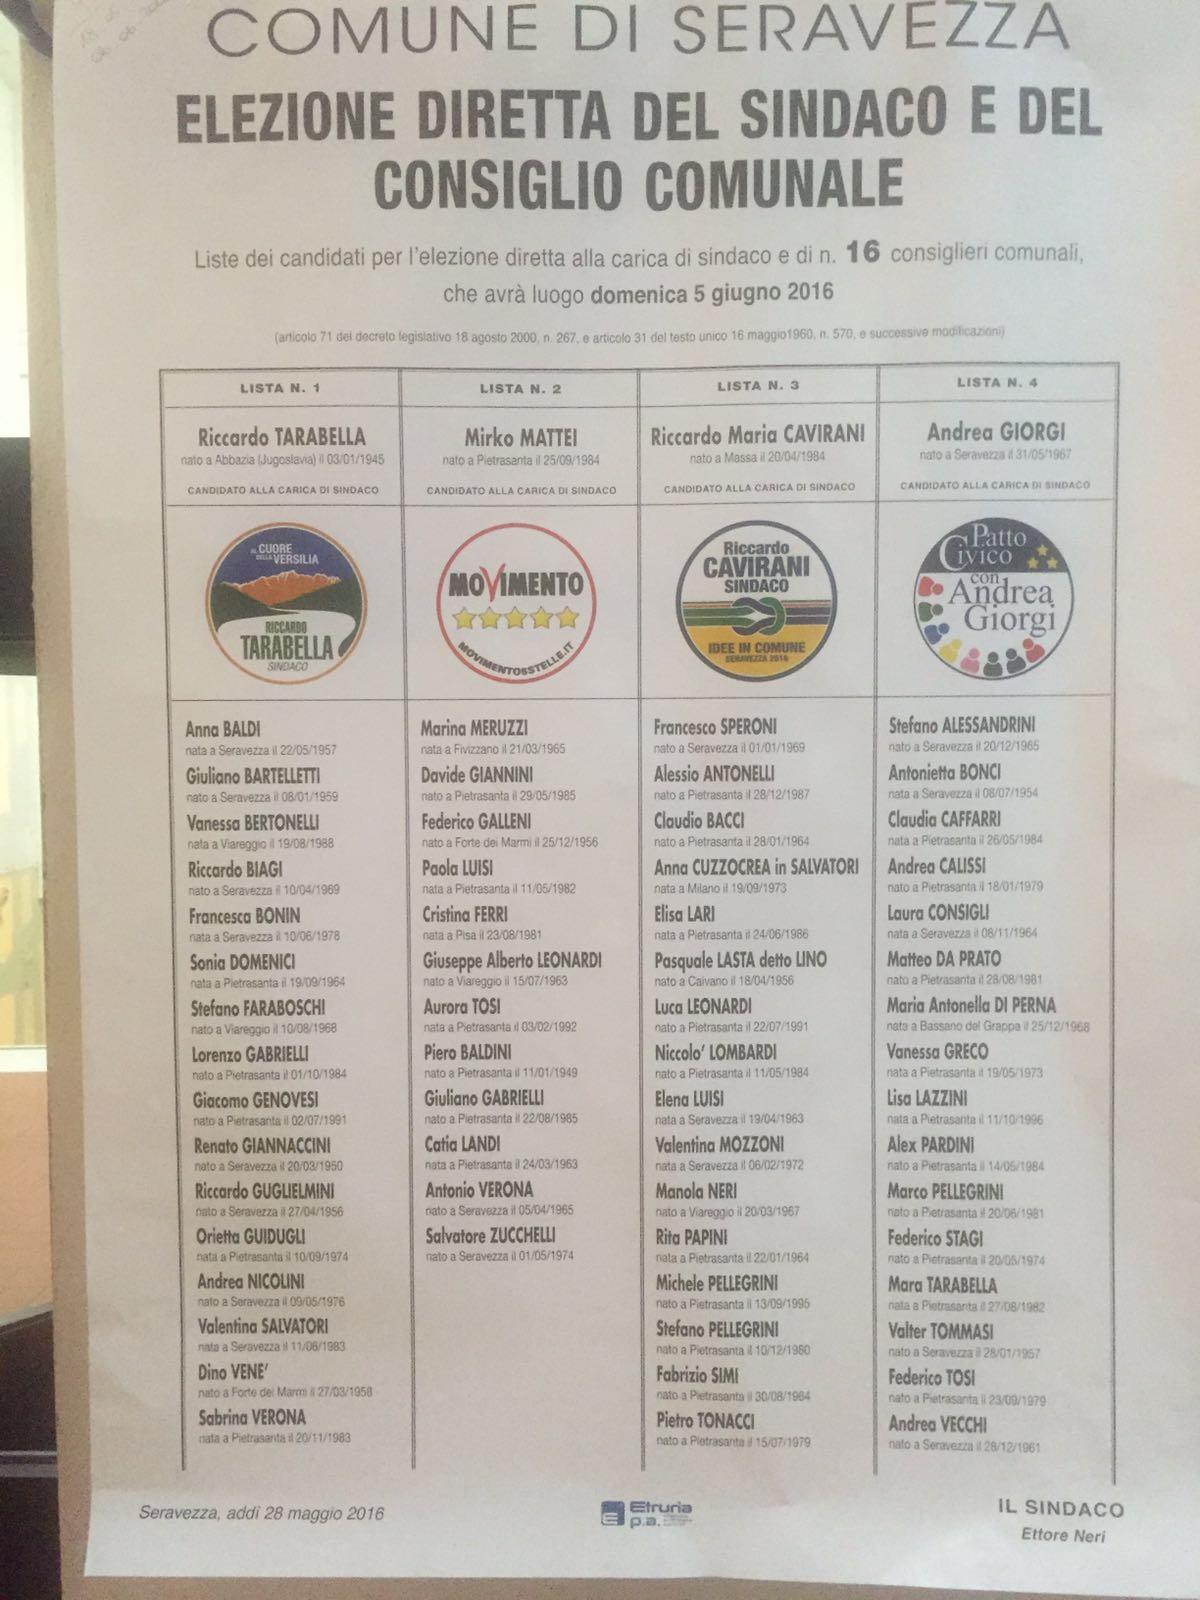 Elezioni 2016, le preferenze dei candidati a Seravezza